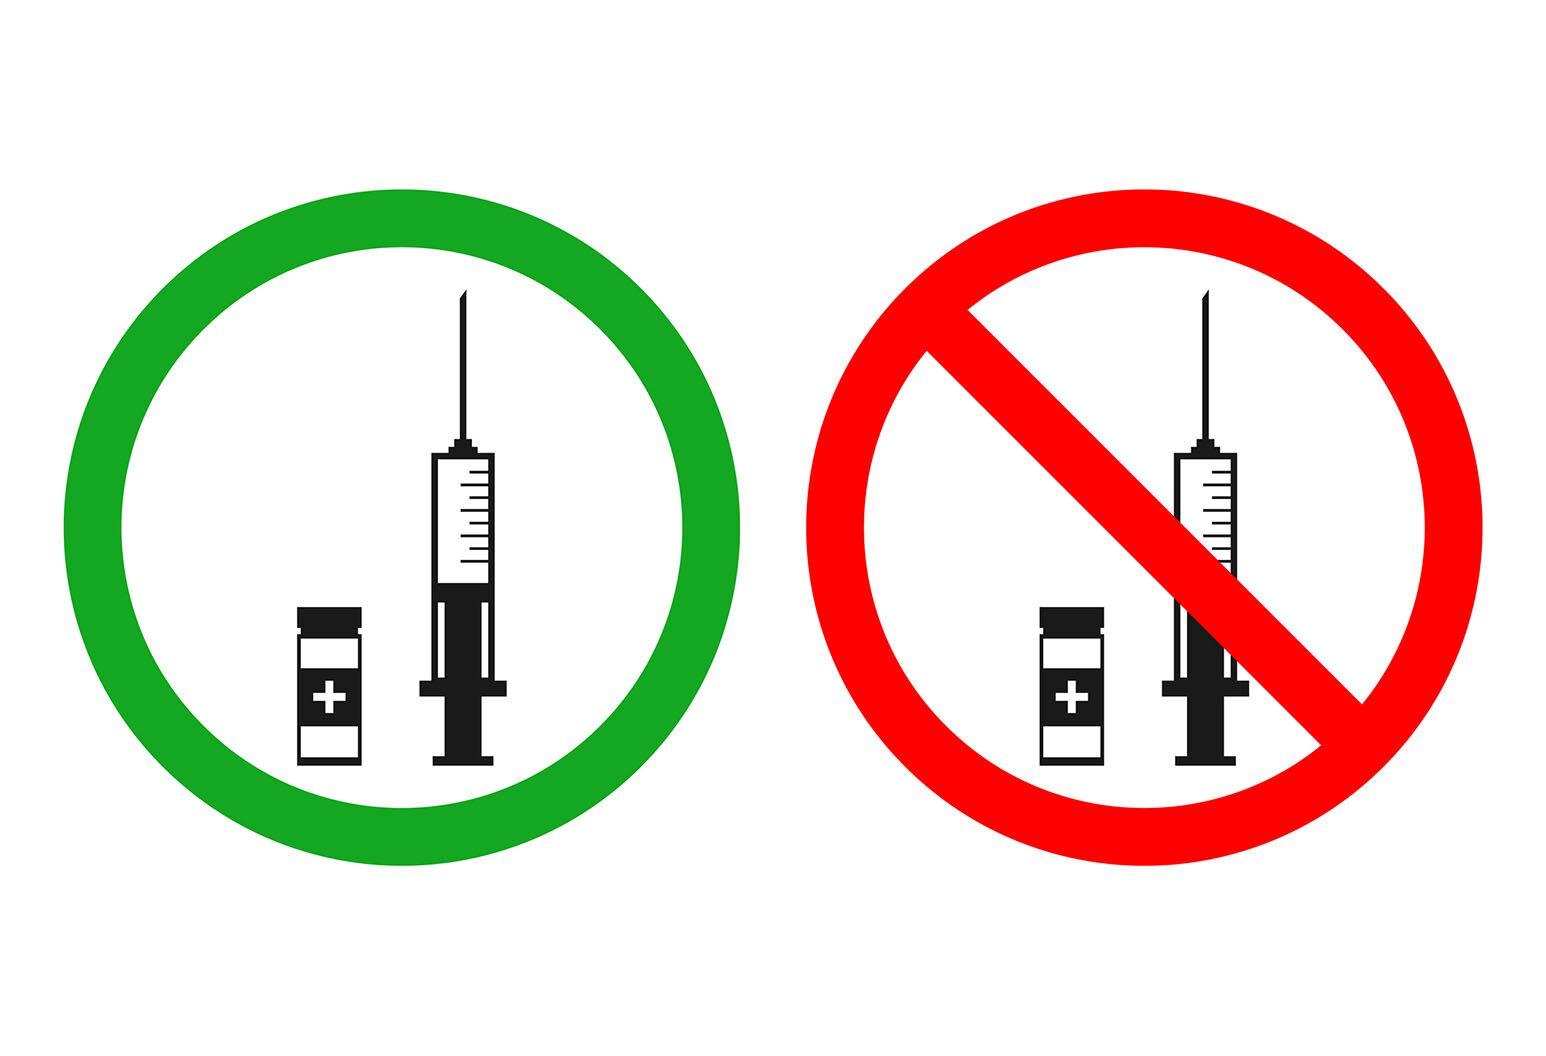 2 symbols depict the vaccine debate